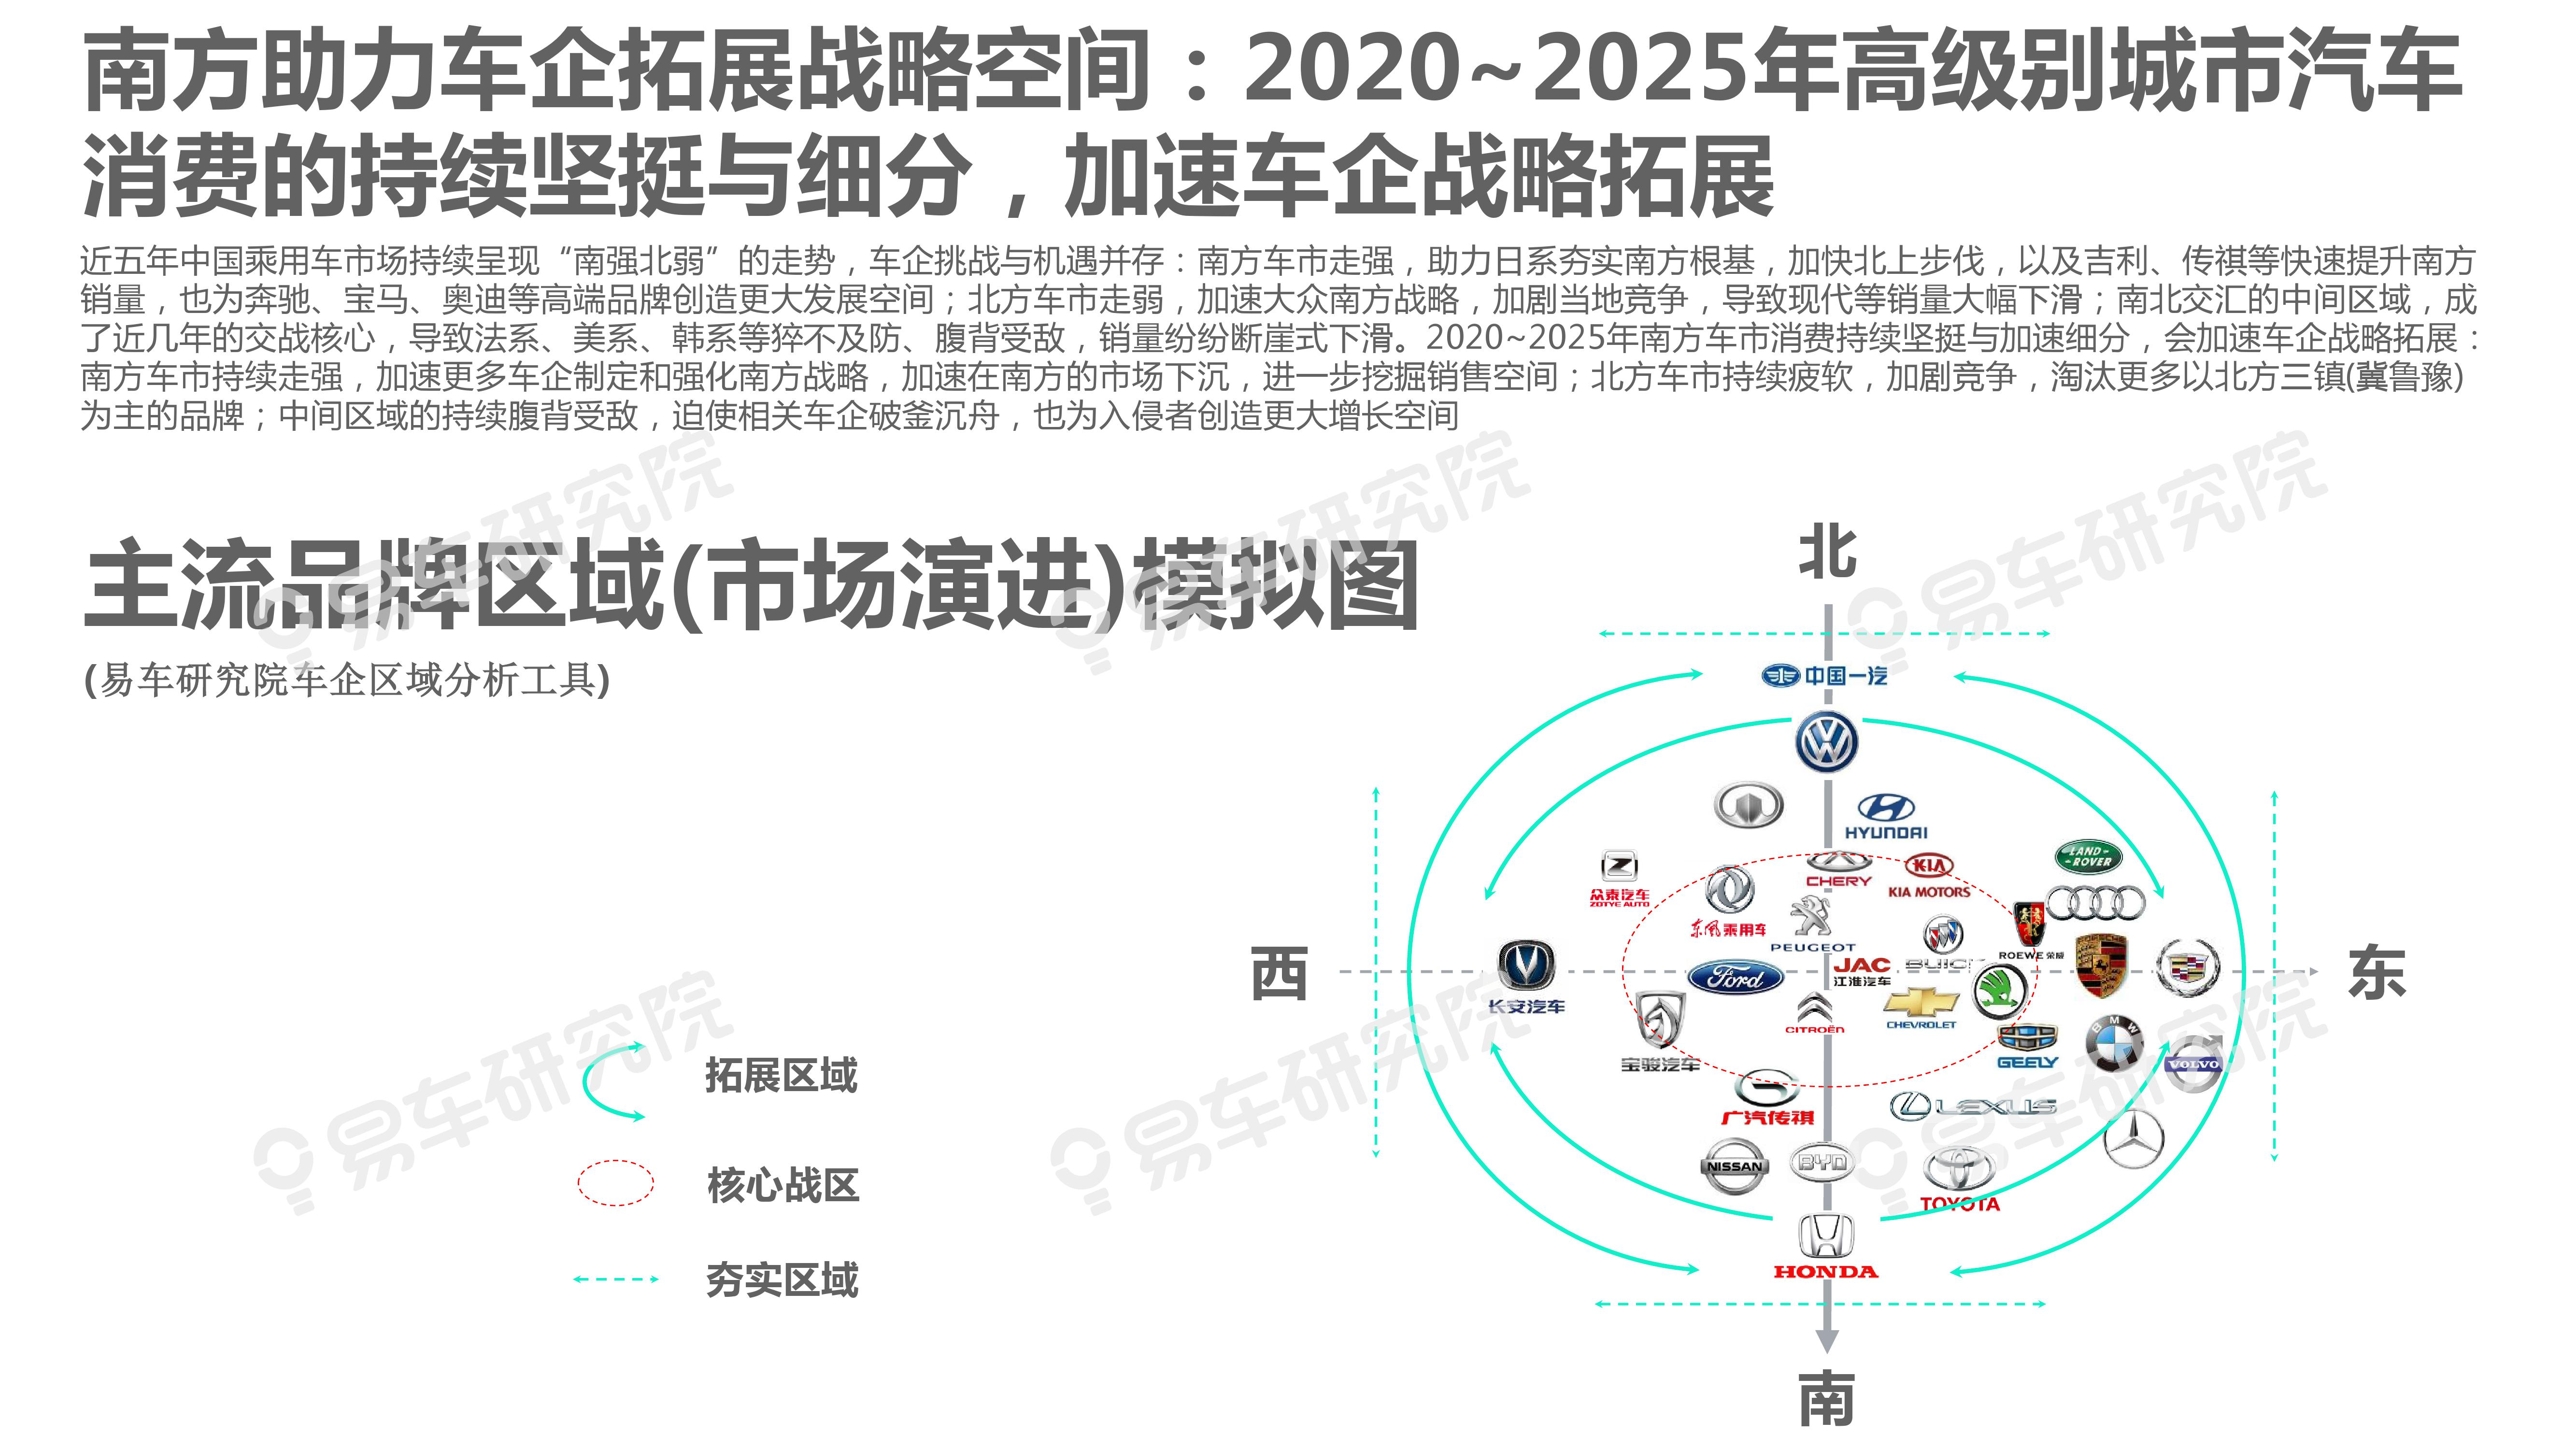 """2020-2025年城市:区域洞察报告—车企急需构建""""战略矩阵""""(可下载报告)插图(25)"""